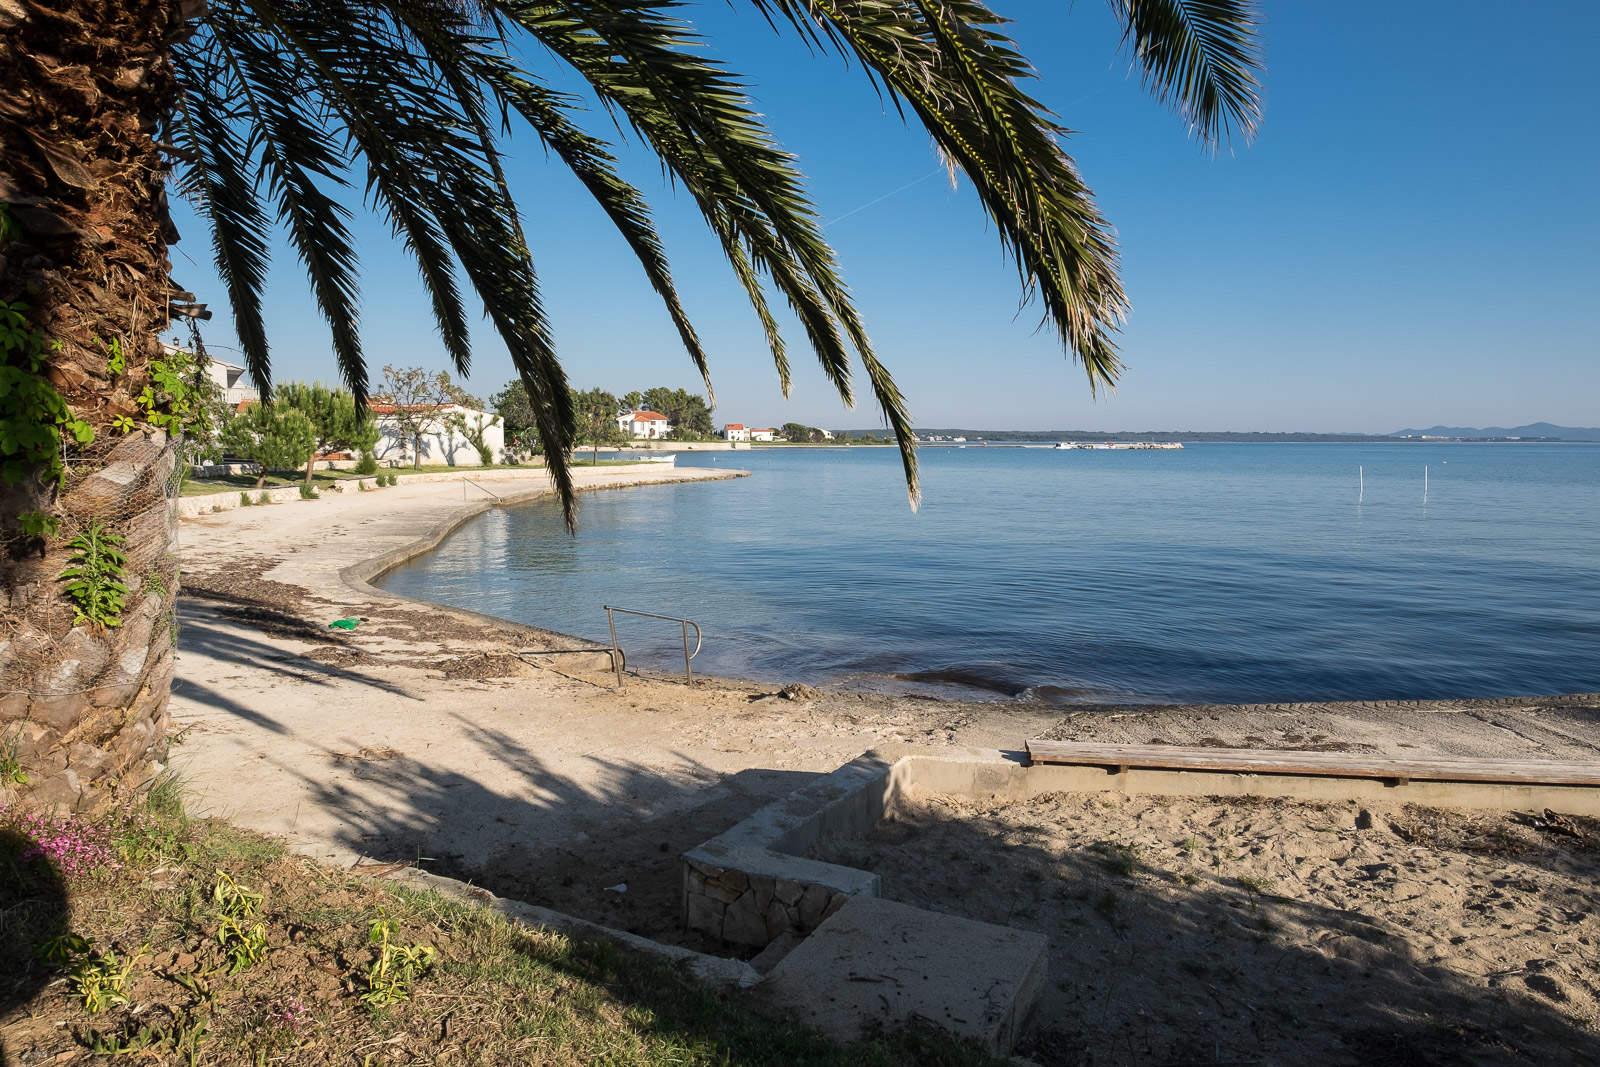 An der dalmatinischen Küste